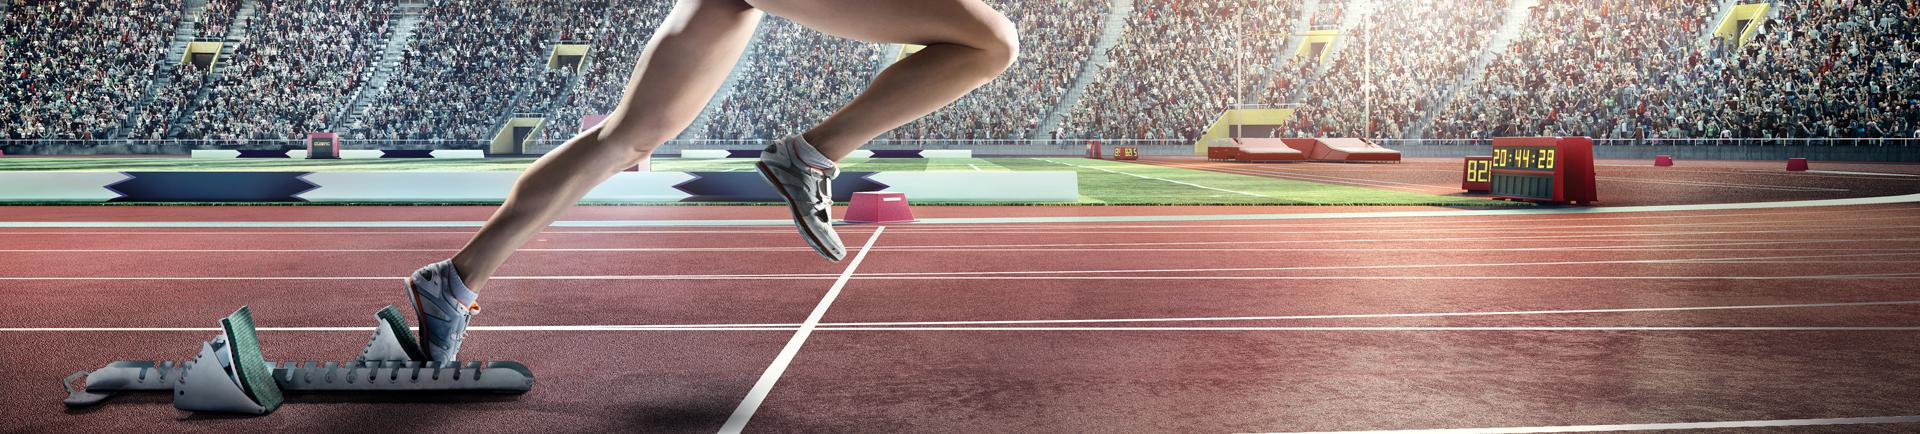 Atleta a correr numa pista de atletismo